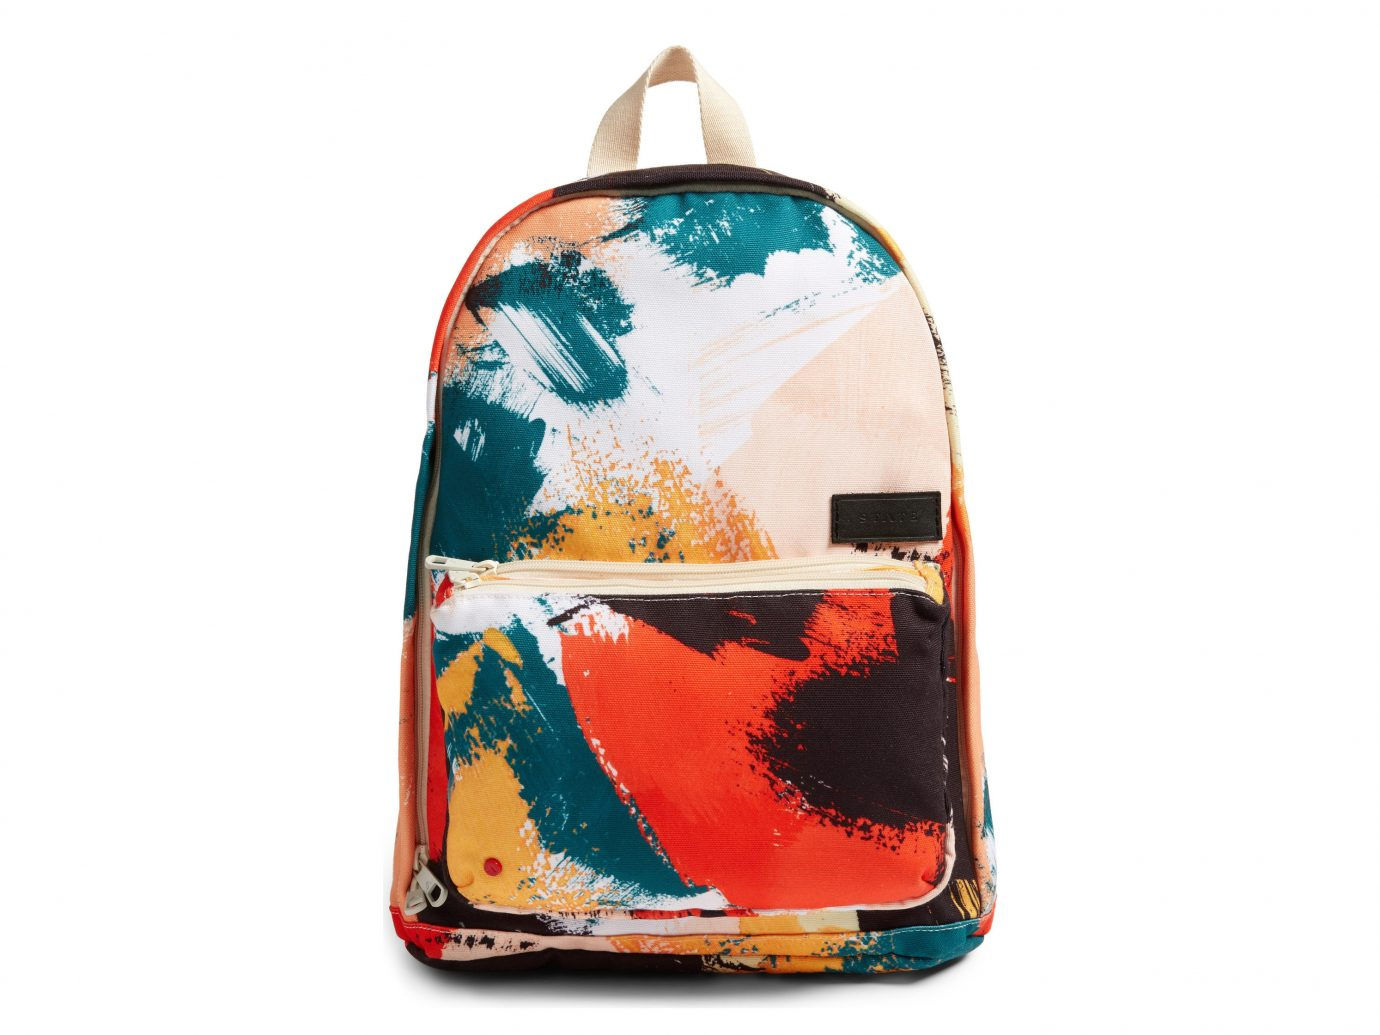 Style + Design bag shoulder bag backpack handbag product orange brand pattern accessory colored